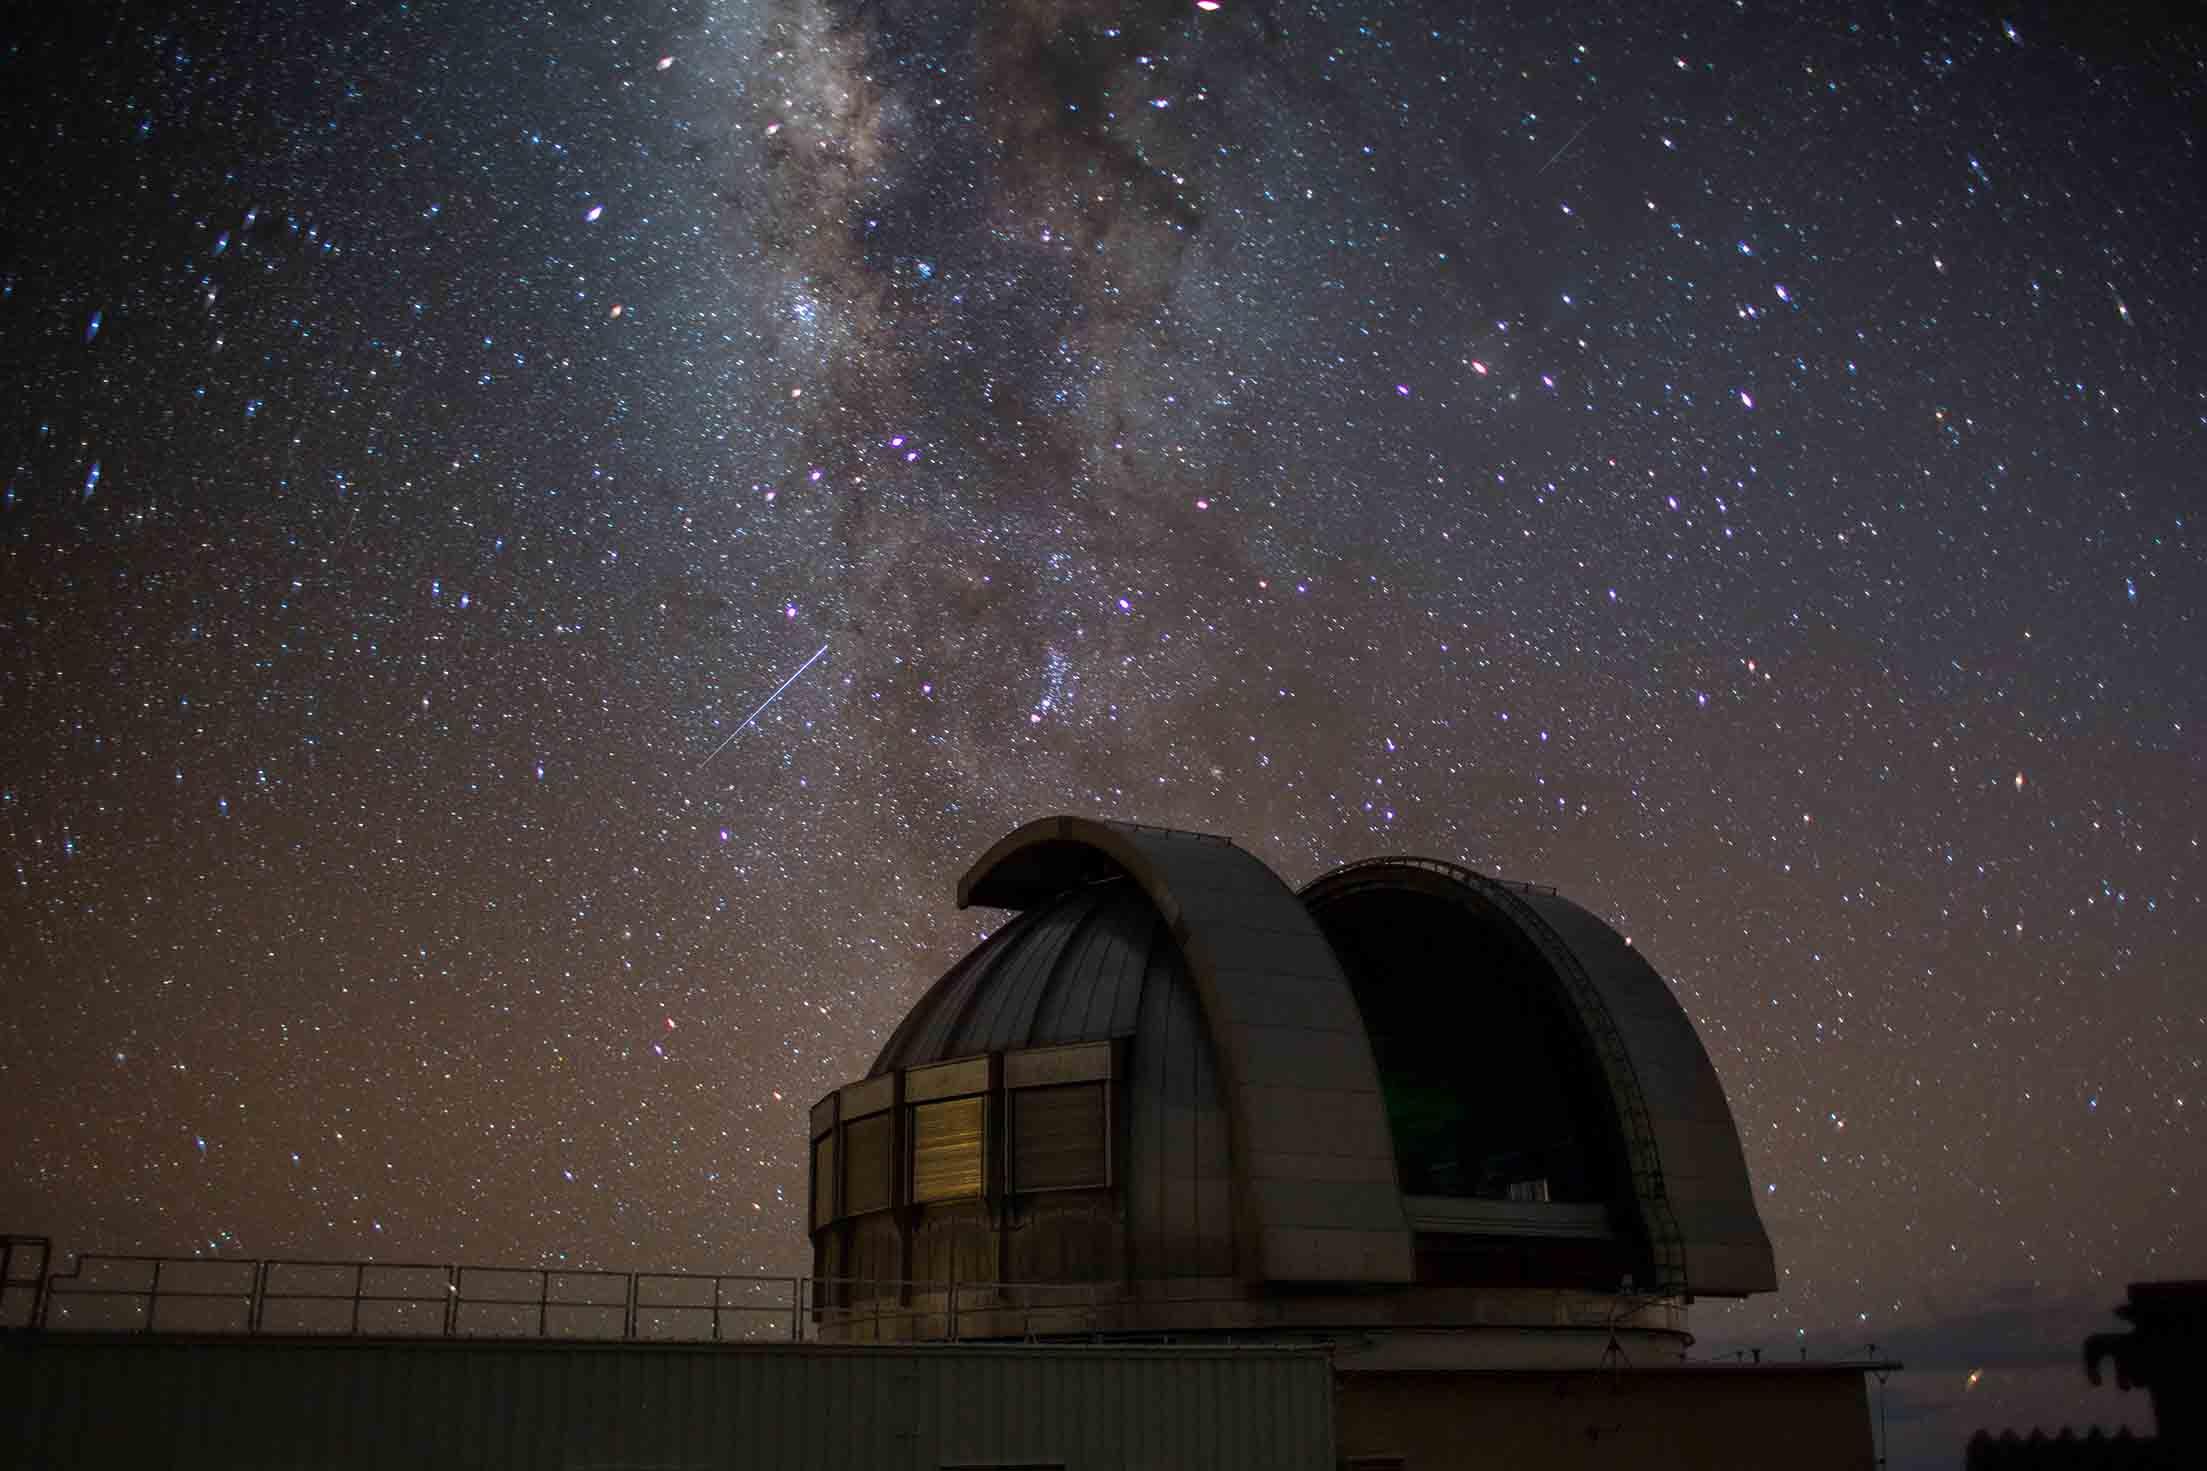 Mining und Weltraumforschung?